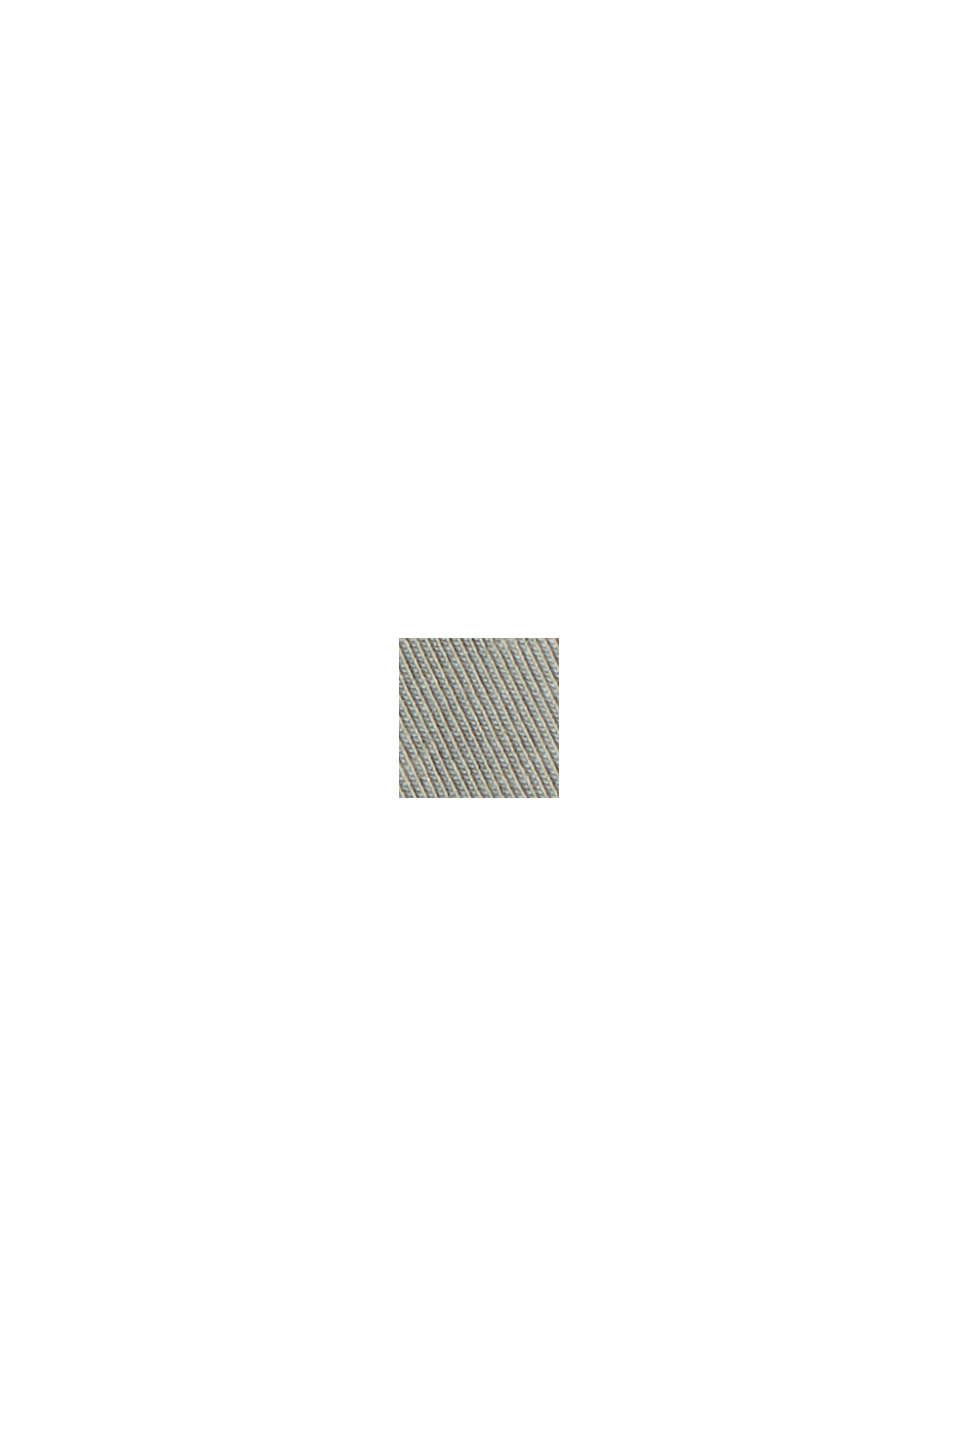 In cotone biologico/TENCEL™: maglia con coulisse, LIGHT KHAKI, swatch